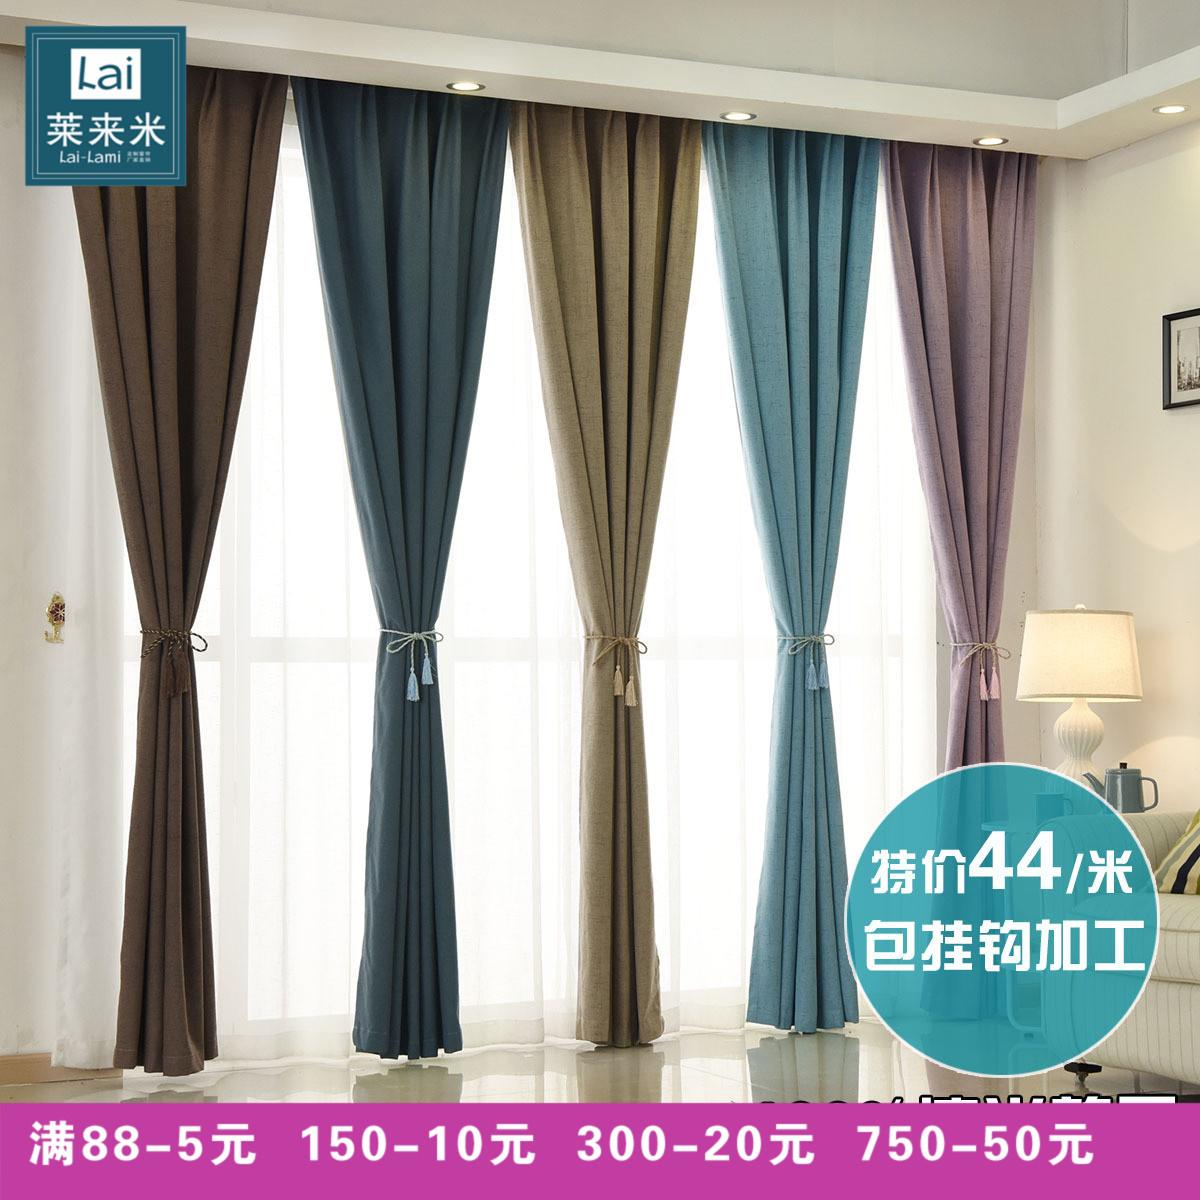 美式棉麻窗帘客厅质纯色简约环保涂层厚全遮光布定制隔音窗帘